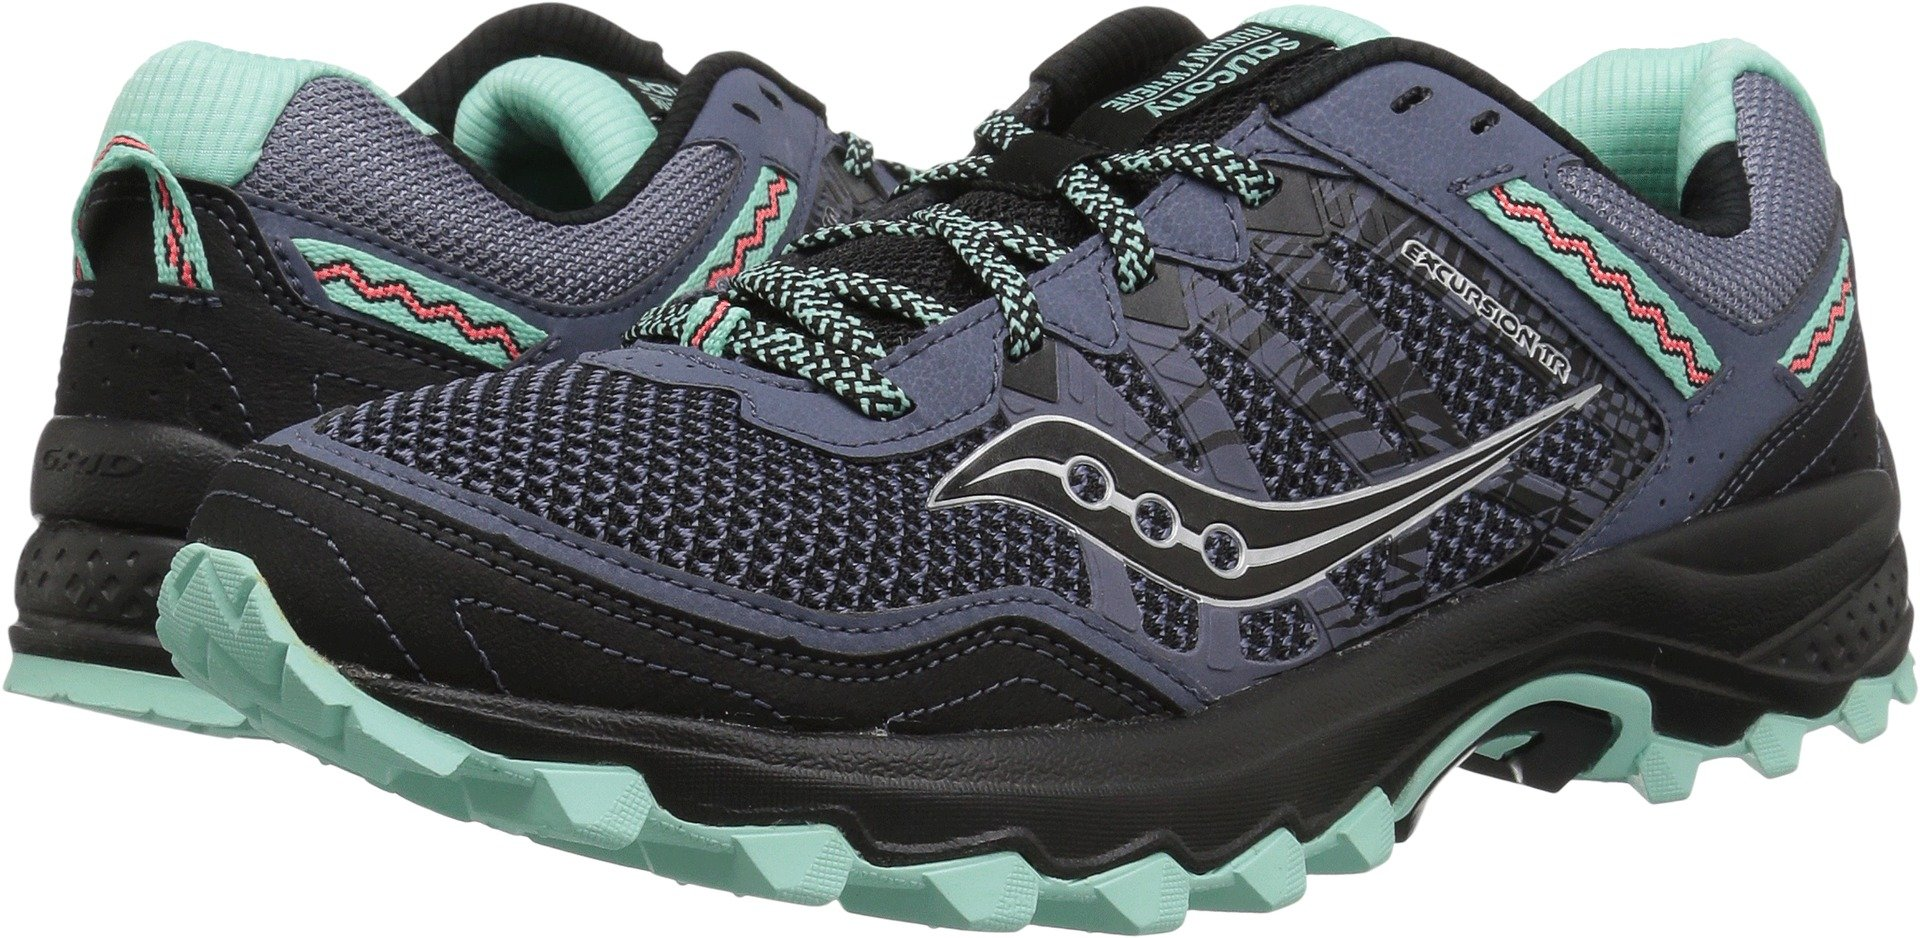 Saucony Women's Excursion TR12 Sneaker, Aqua/Black, 10 M US